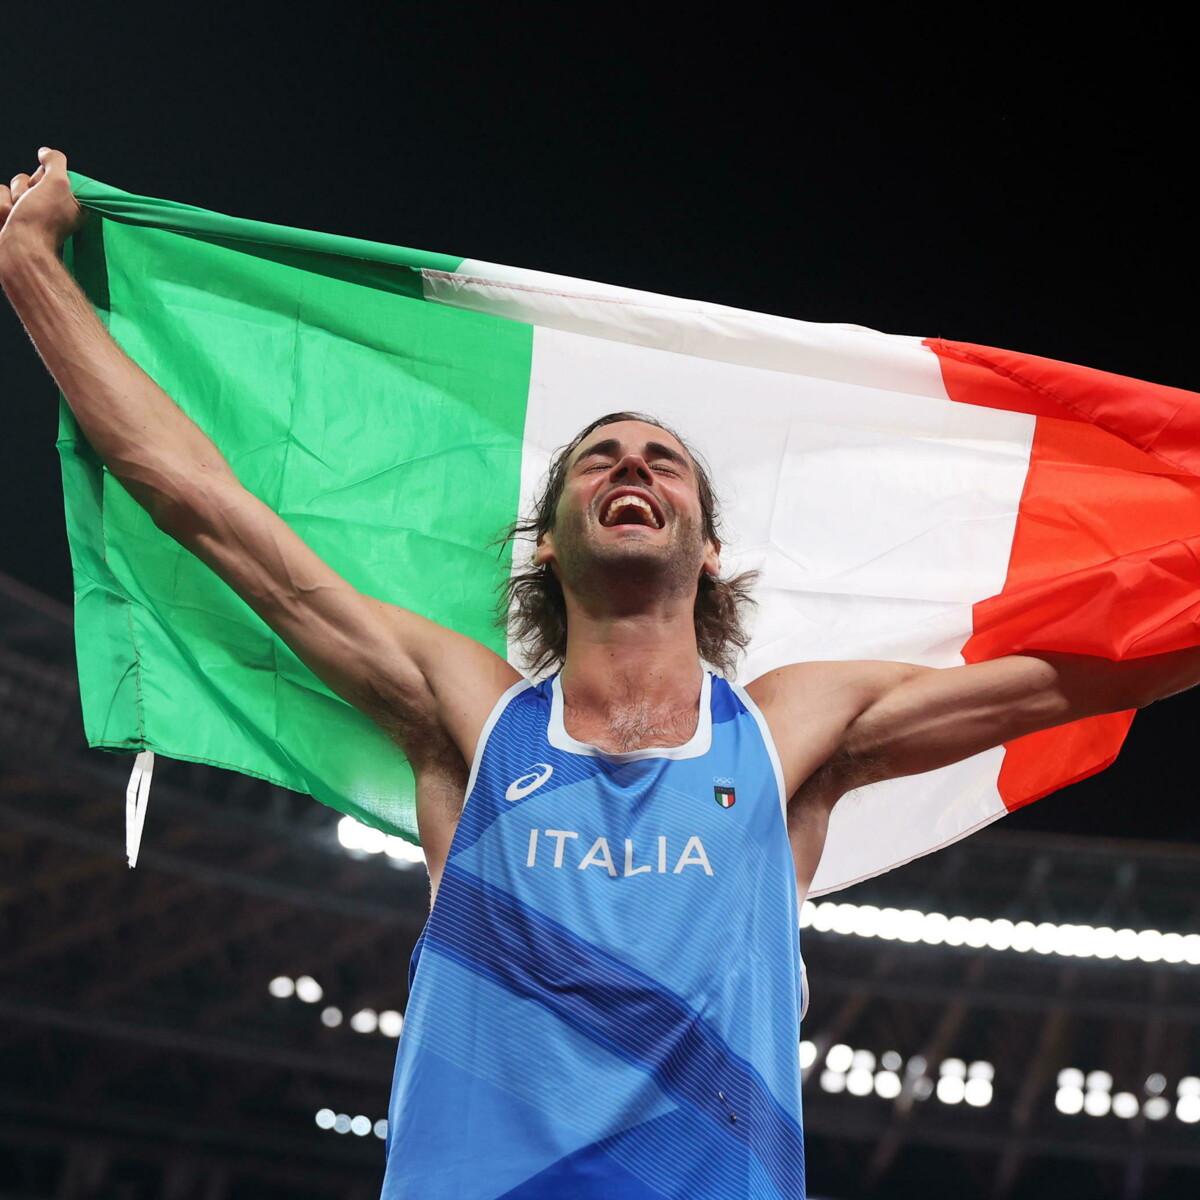 Chi è Gianmarco Tamberi, oro nel salto in alto a Tokyo: la passione per il basket e il riscatto dopo l'infortunio